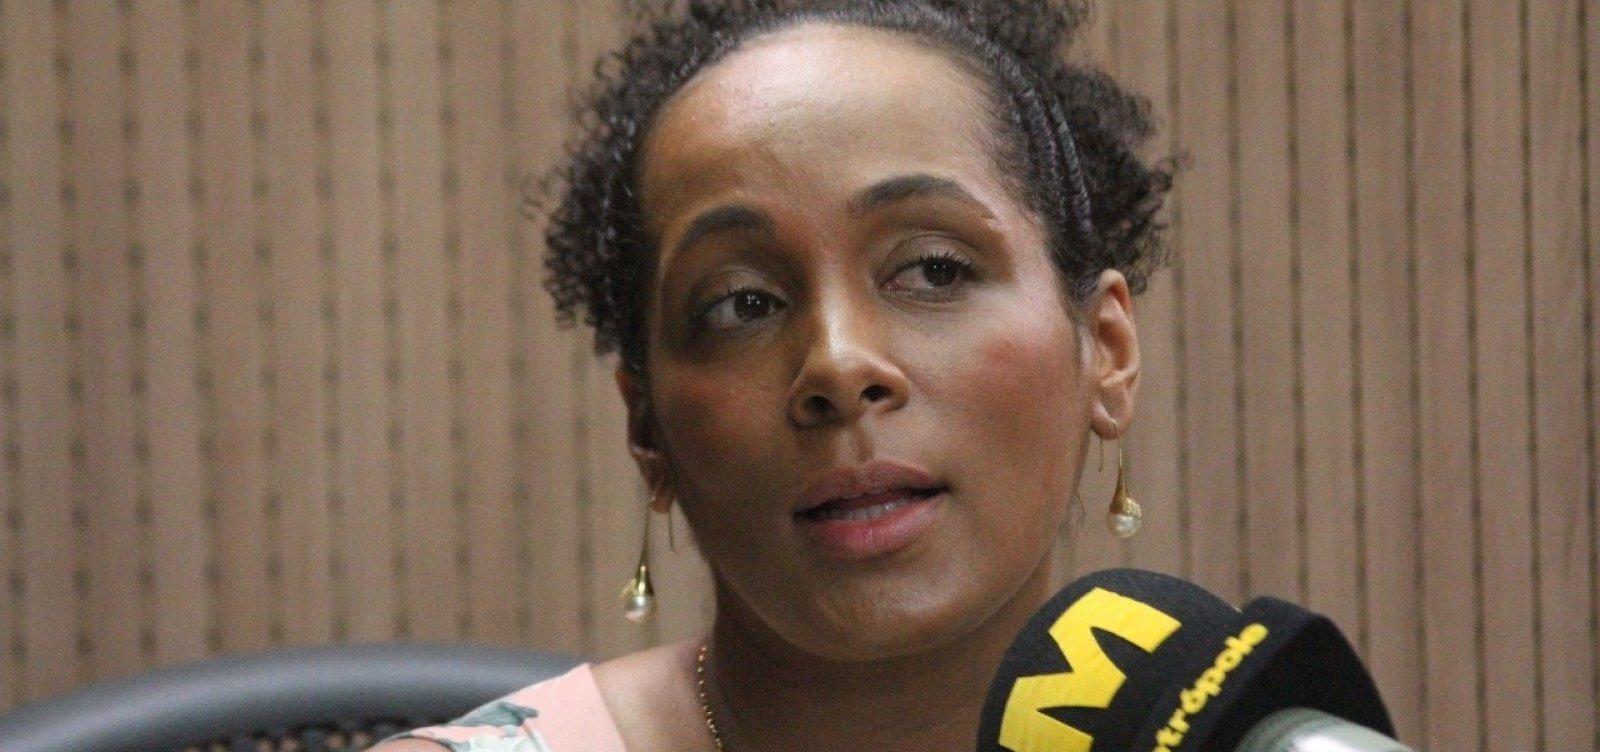 ['Passei 12 anos tentando provar que era promotora', diz Lívia Vaz sobre vivência do racismo]